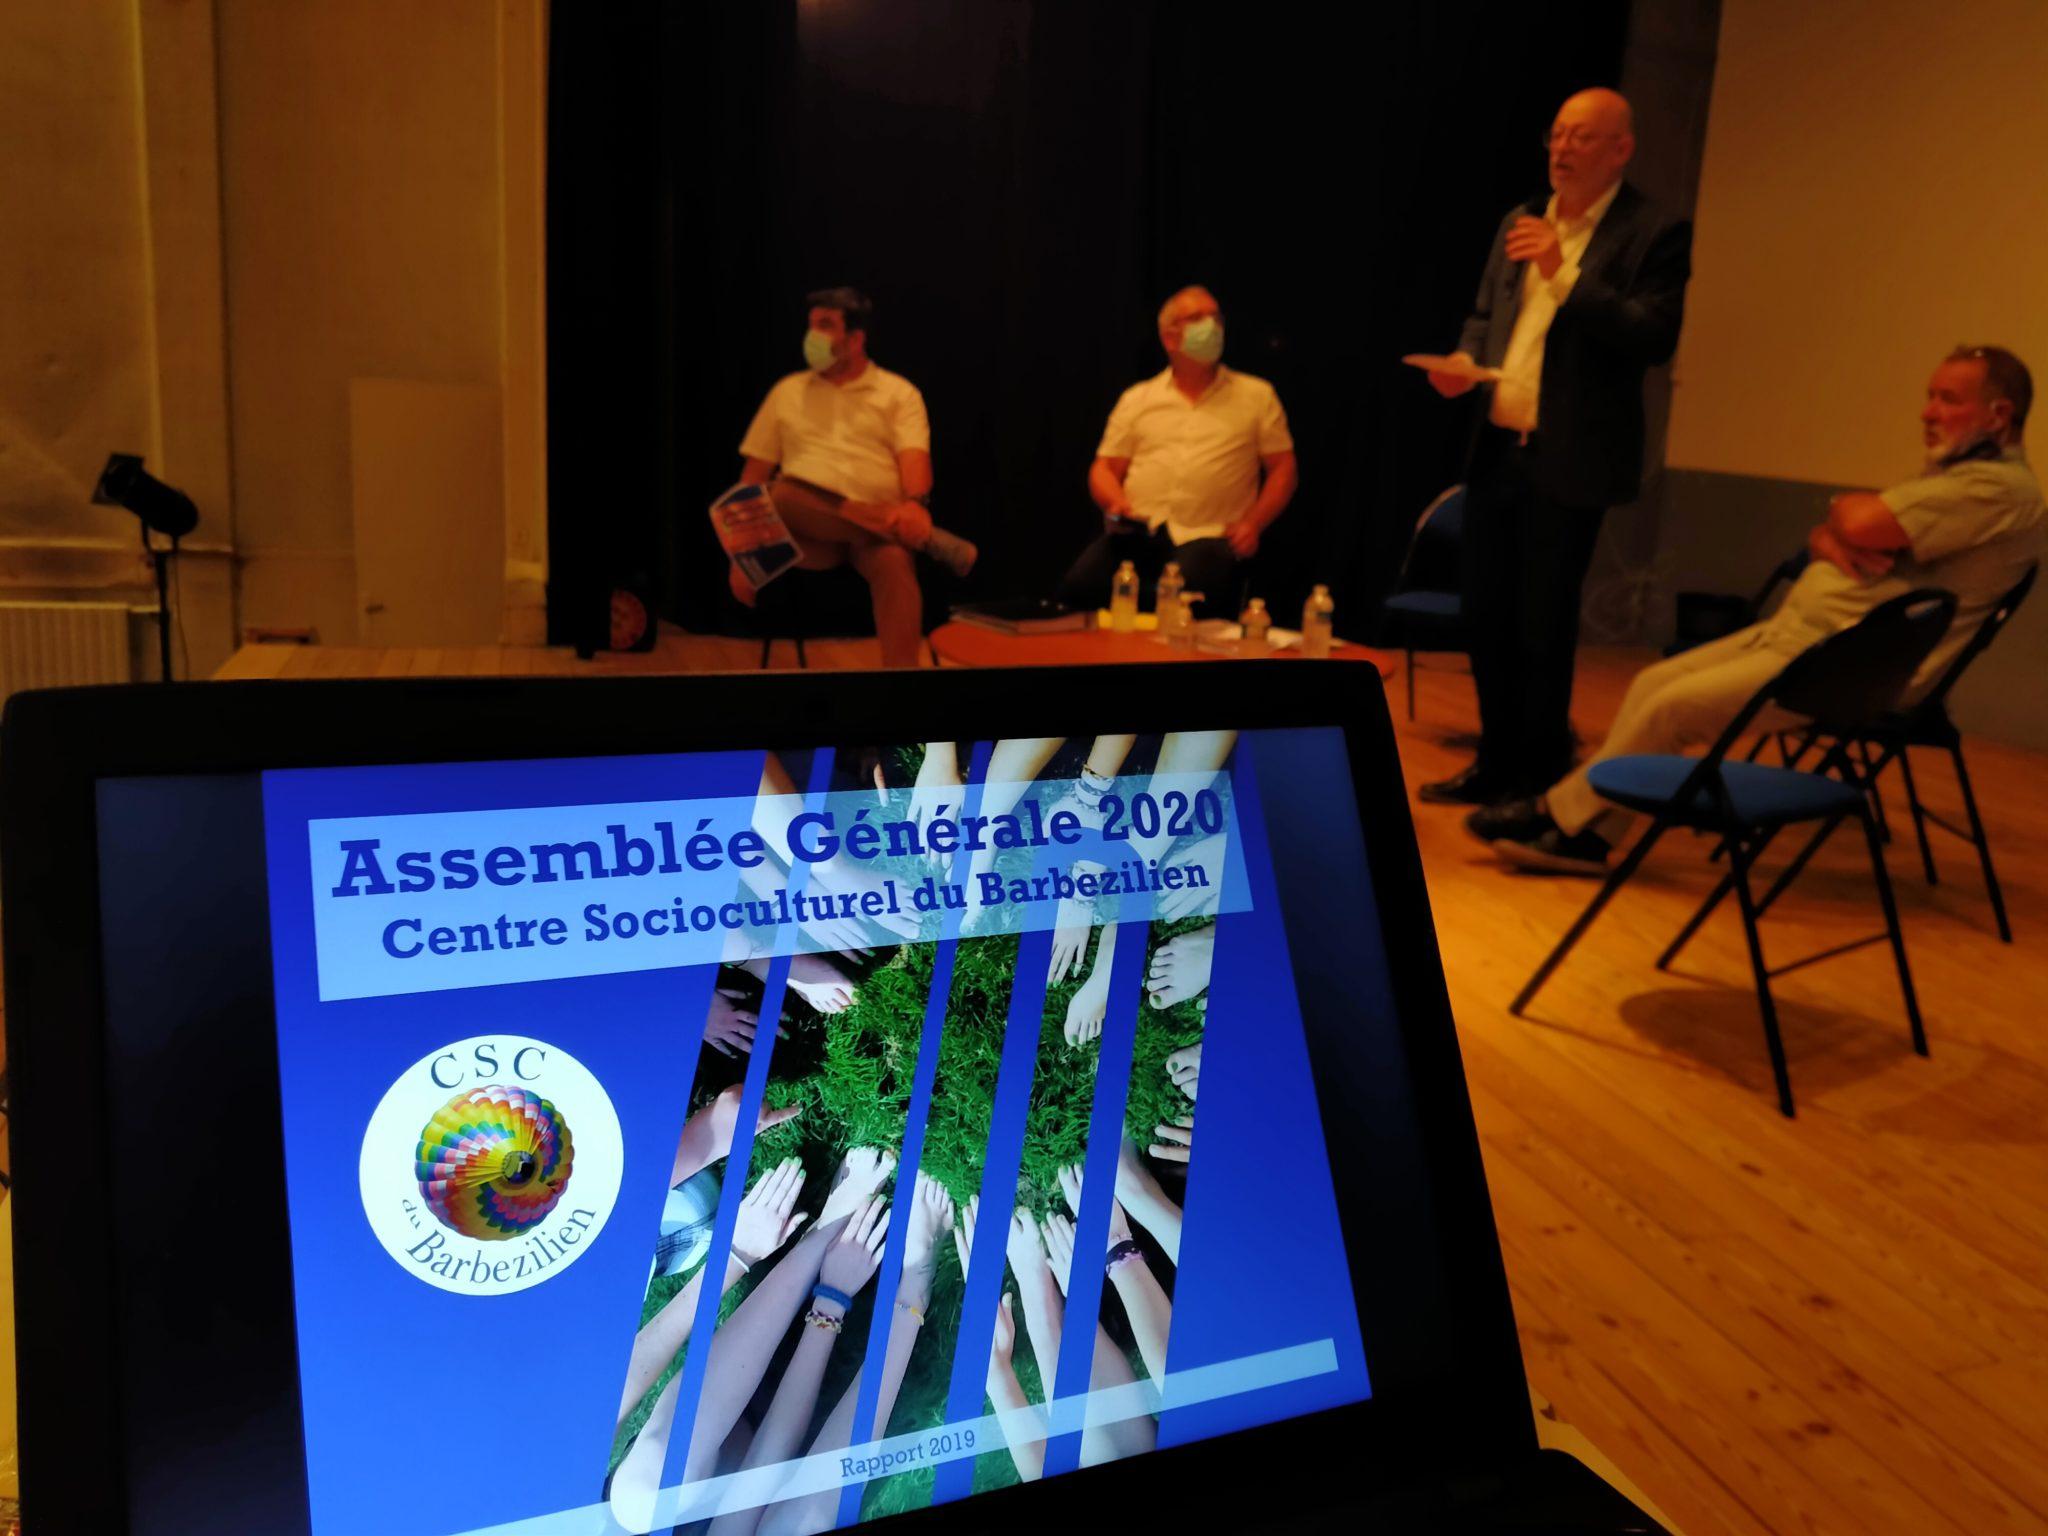 image d'illustration de l'article Assemblée Générale du CSC à Baignes